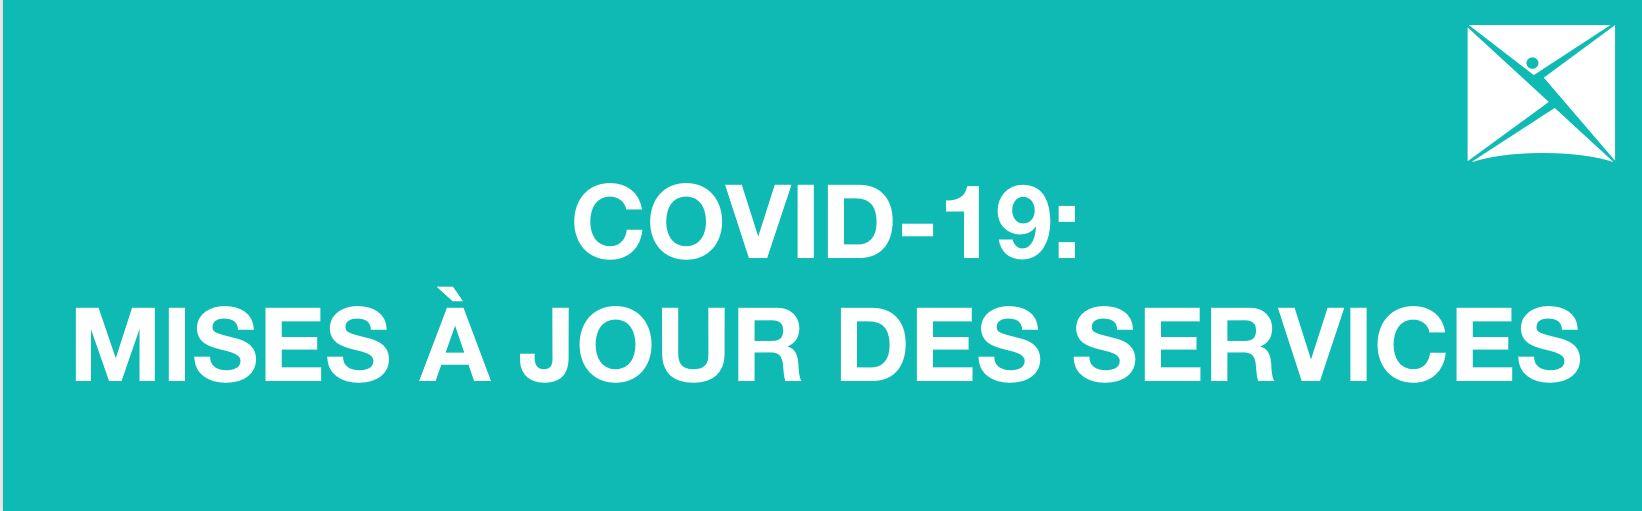 L'ACSM-S/M modifie ses services pour protéger la santé et la sécurité du public durant la pandémie de COVID-19